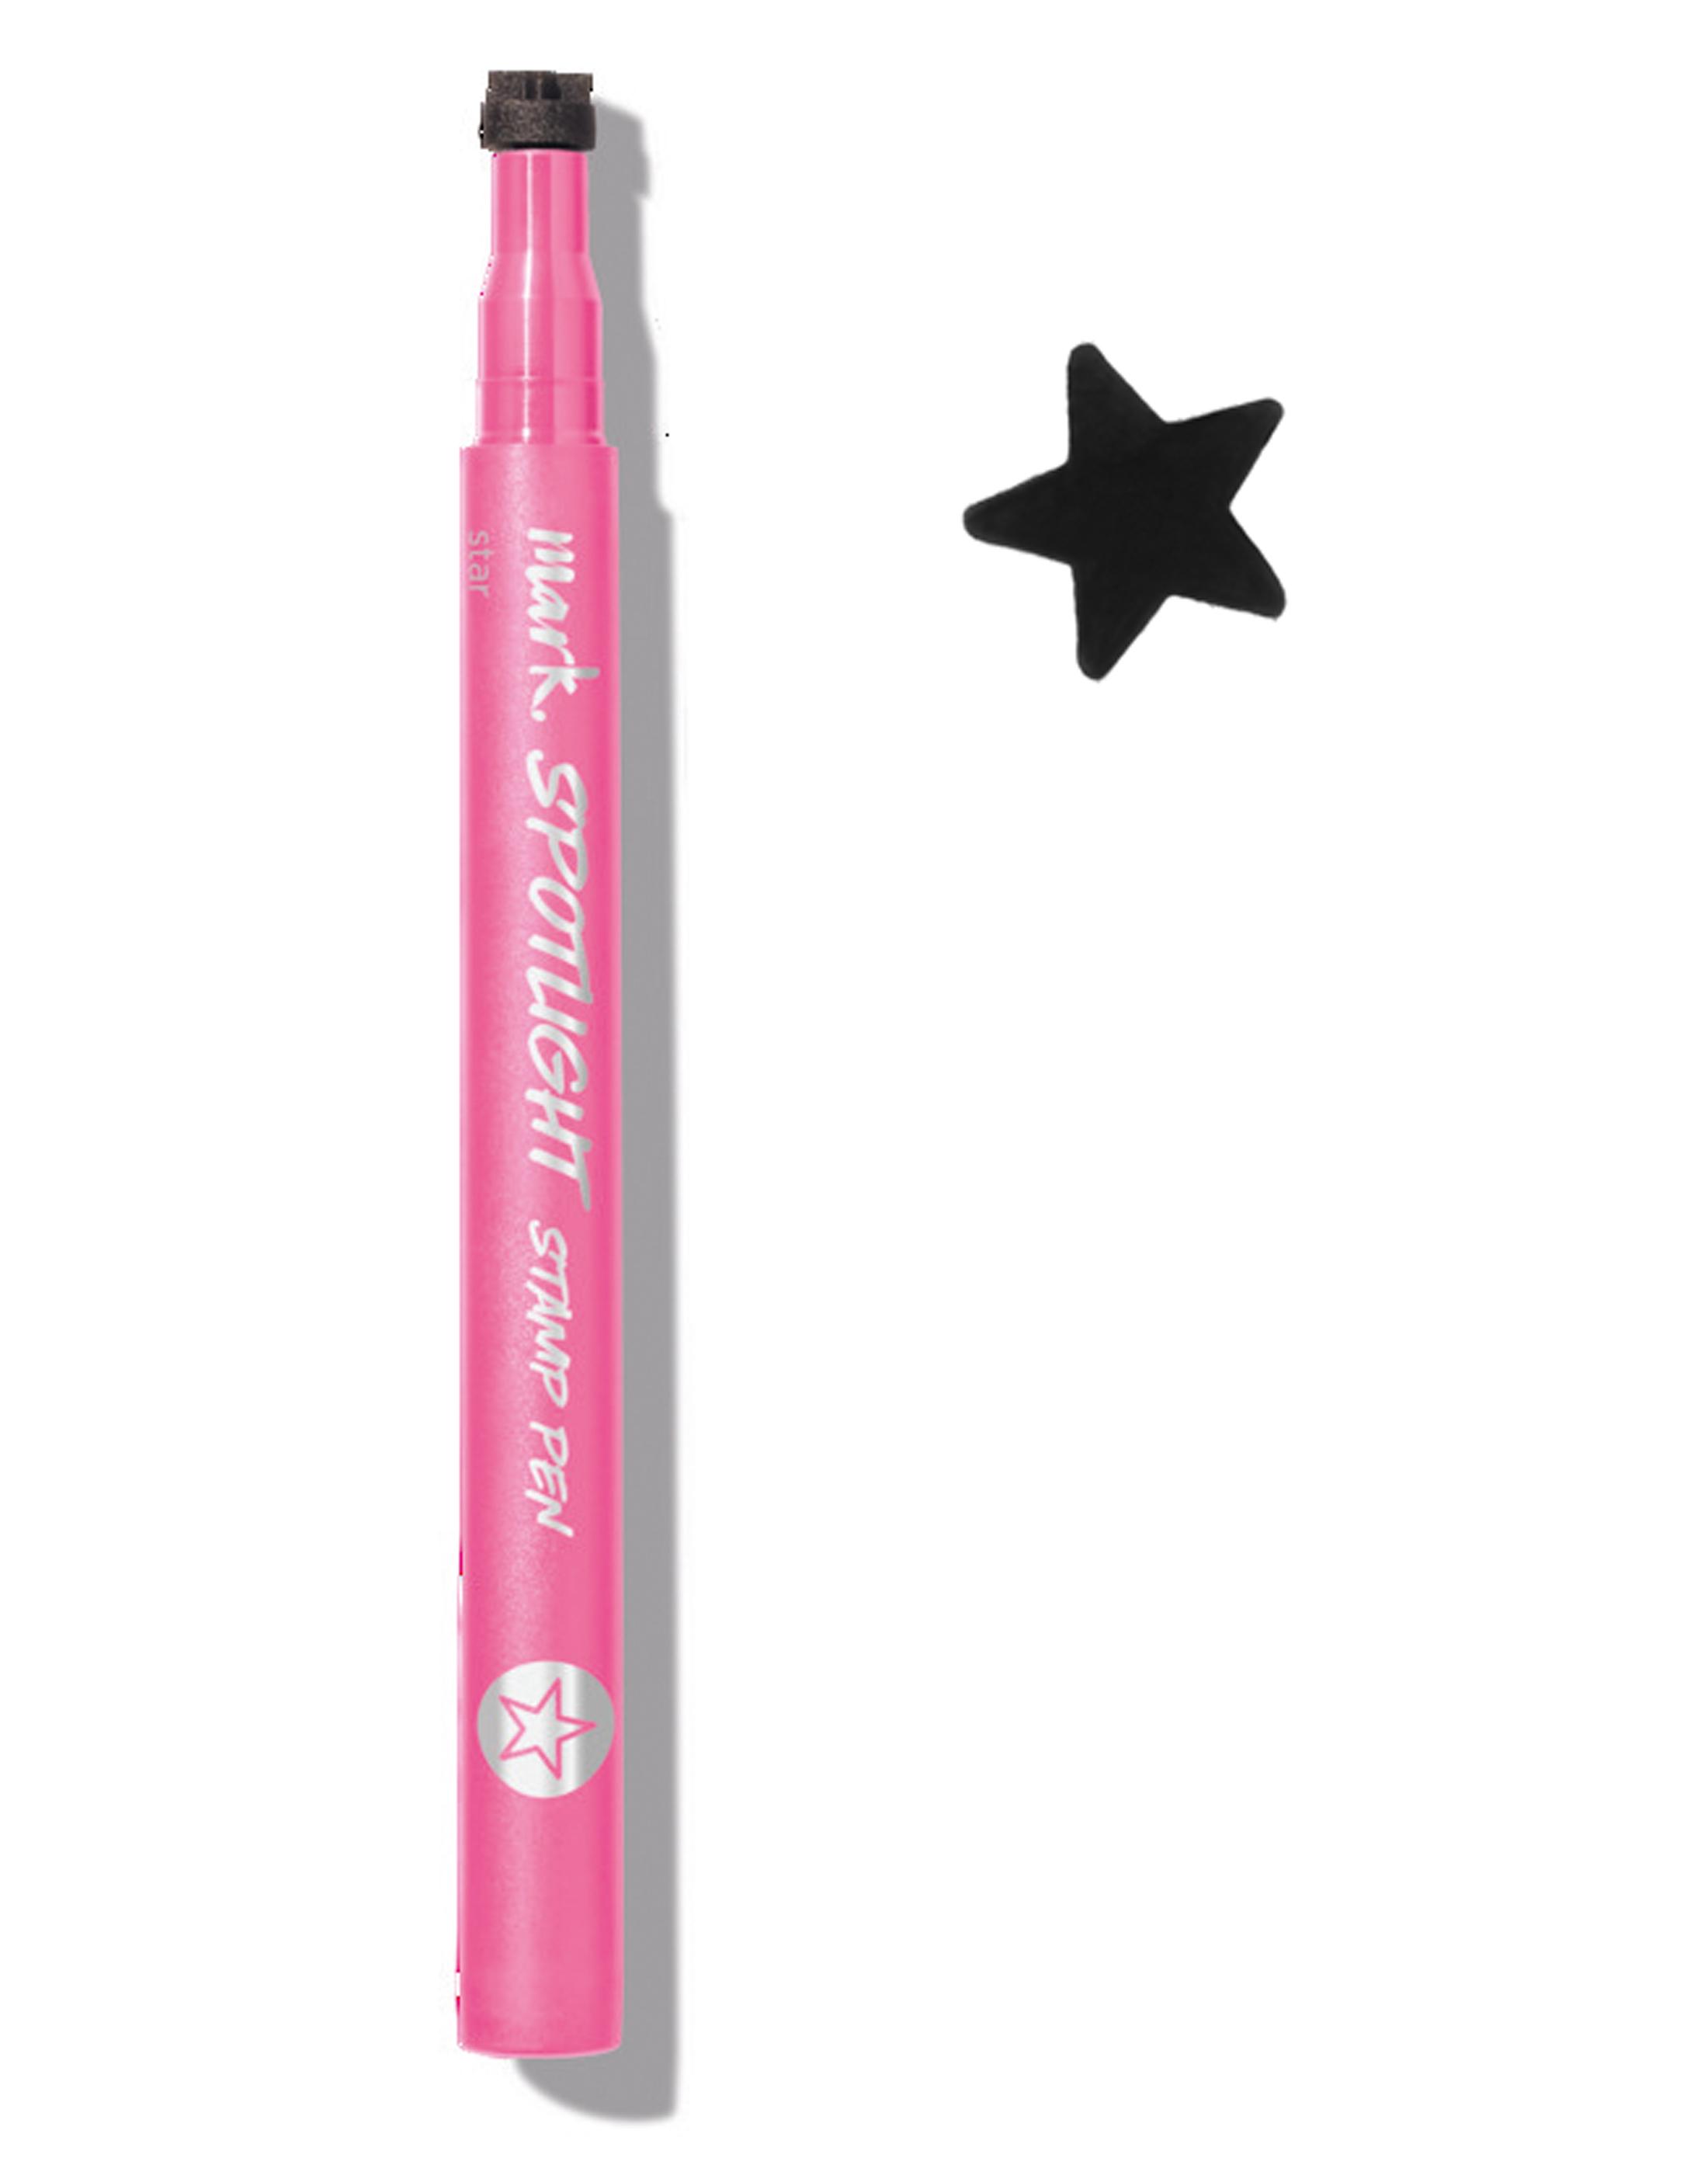 Avon Mark. Festival Stamp Pen Star Sighting, £5/AED22.36